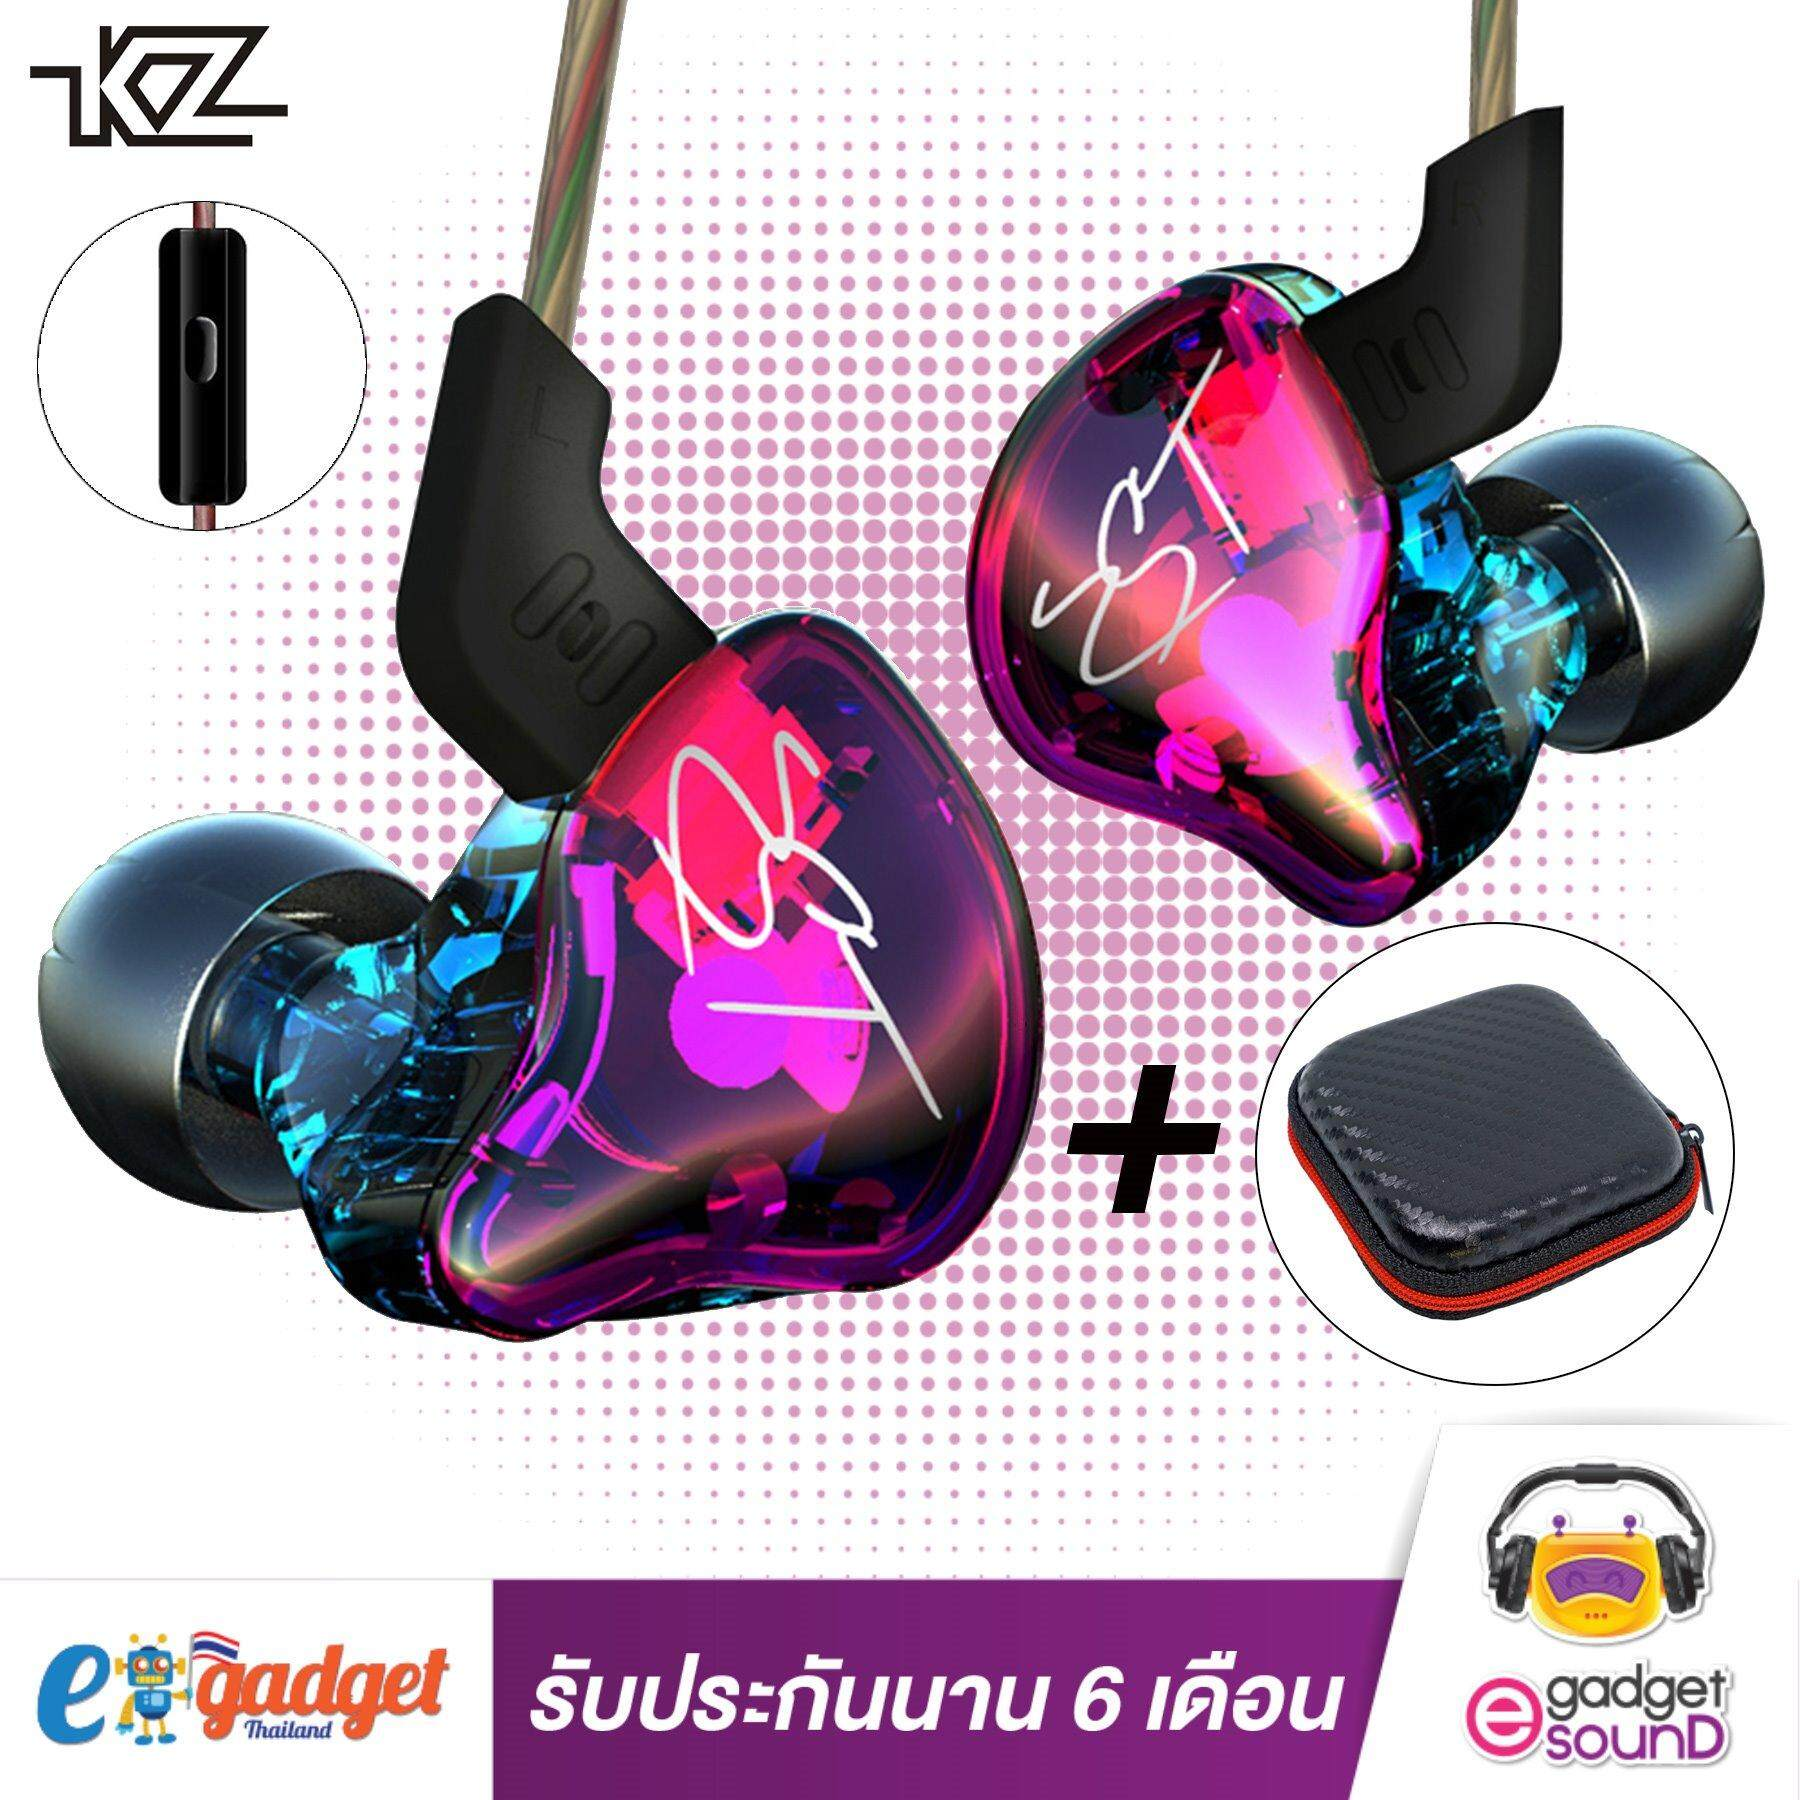 ราคา Kz รุ่น Zst มีไมค์ แถม กระเป๋าหูฟังอย่างดี หูฟัง Hybrid 2 ไดร์เวอร์ ถอดเปลี่ยนสายได้ ประกัน 6 เดือน รูปทรง In Ear Monitor Ime เสียงดี มิติครบ ราคาถูกที่สุด